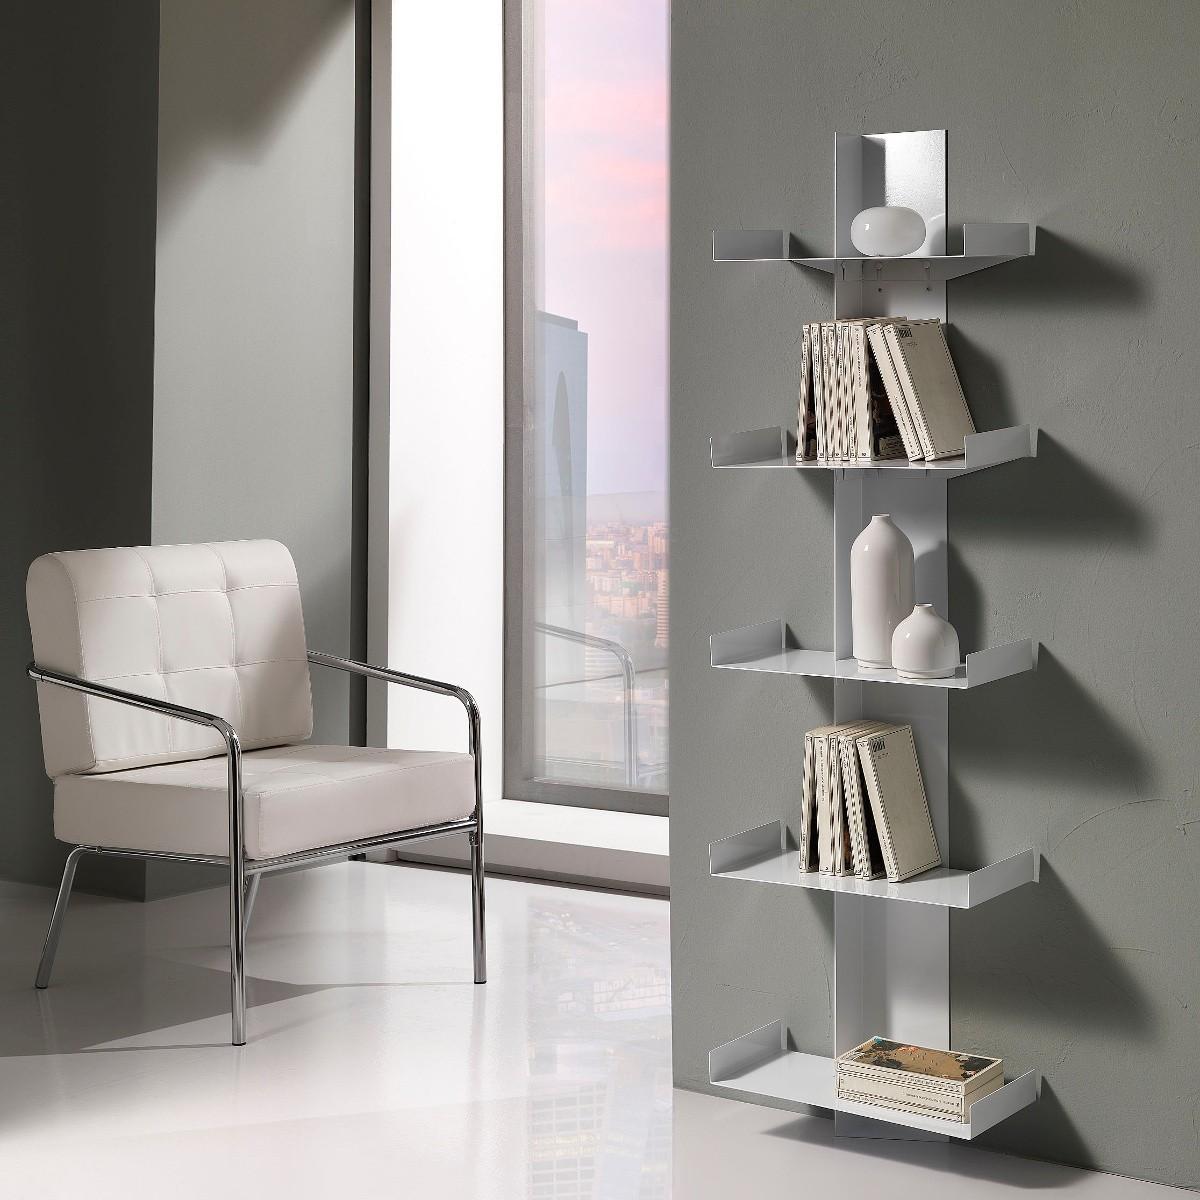 Soggiorno Librerie Moderne : Librerie moderne per soggiorno ...